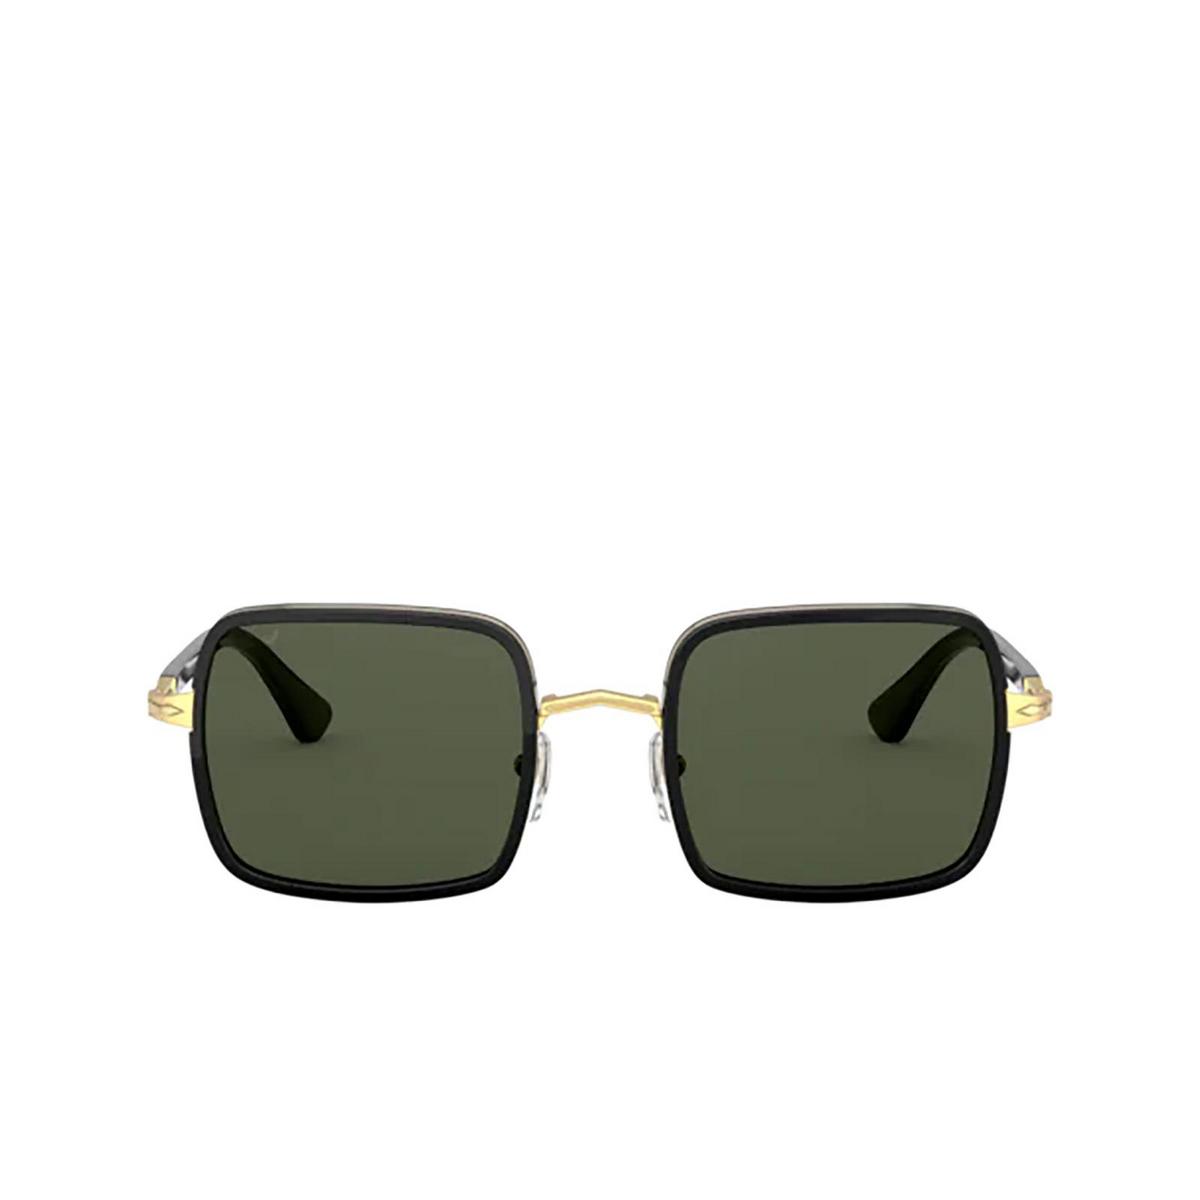 Persol® Square Sunglasses: PO2475S color Gold & Black 515/31 - front view.